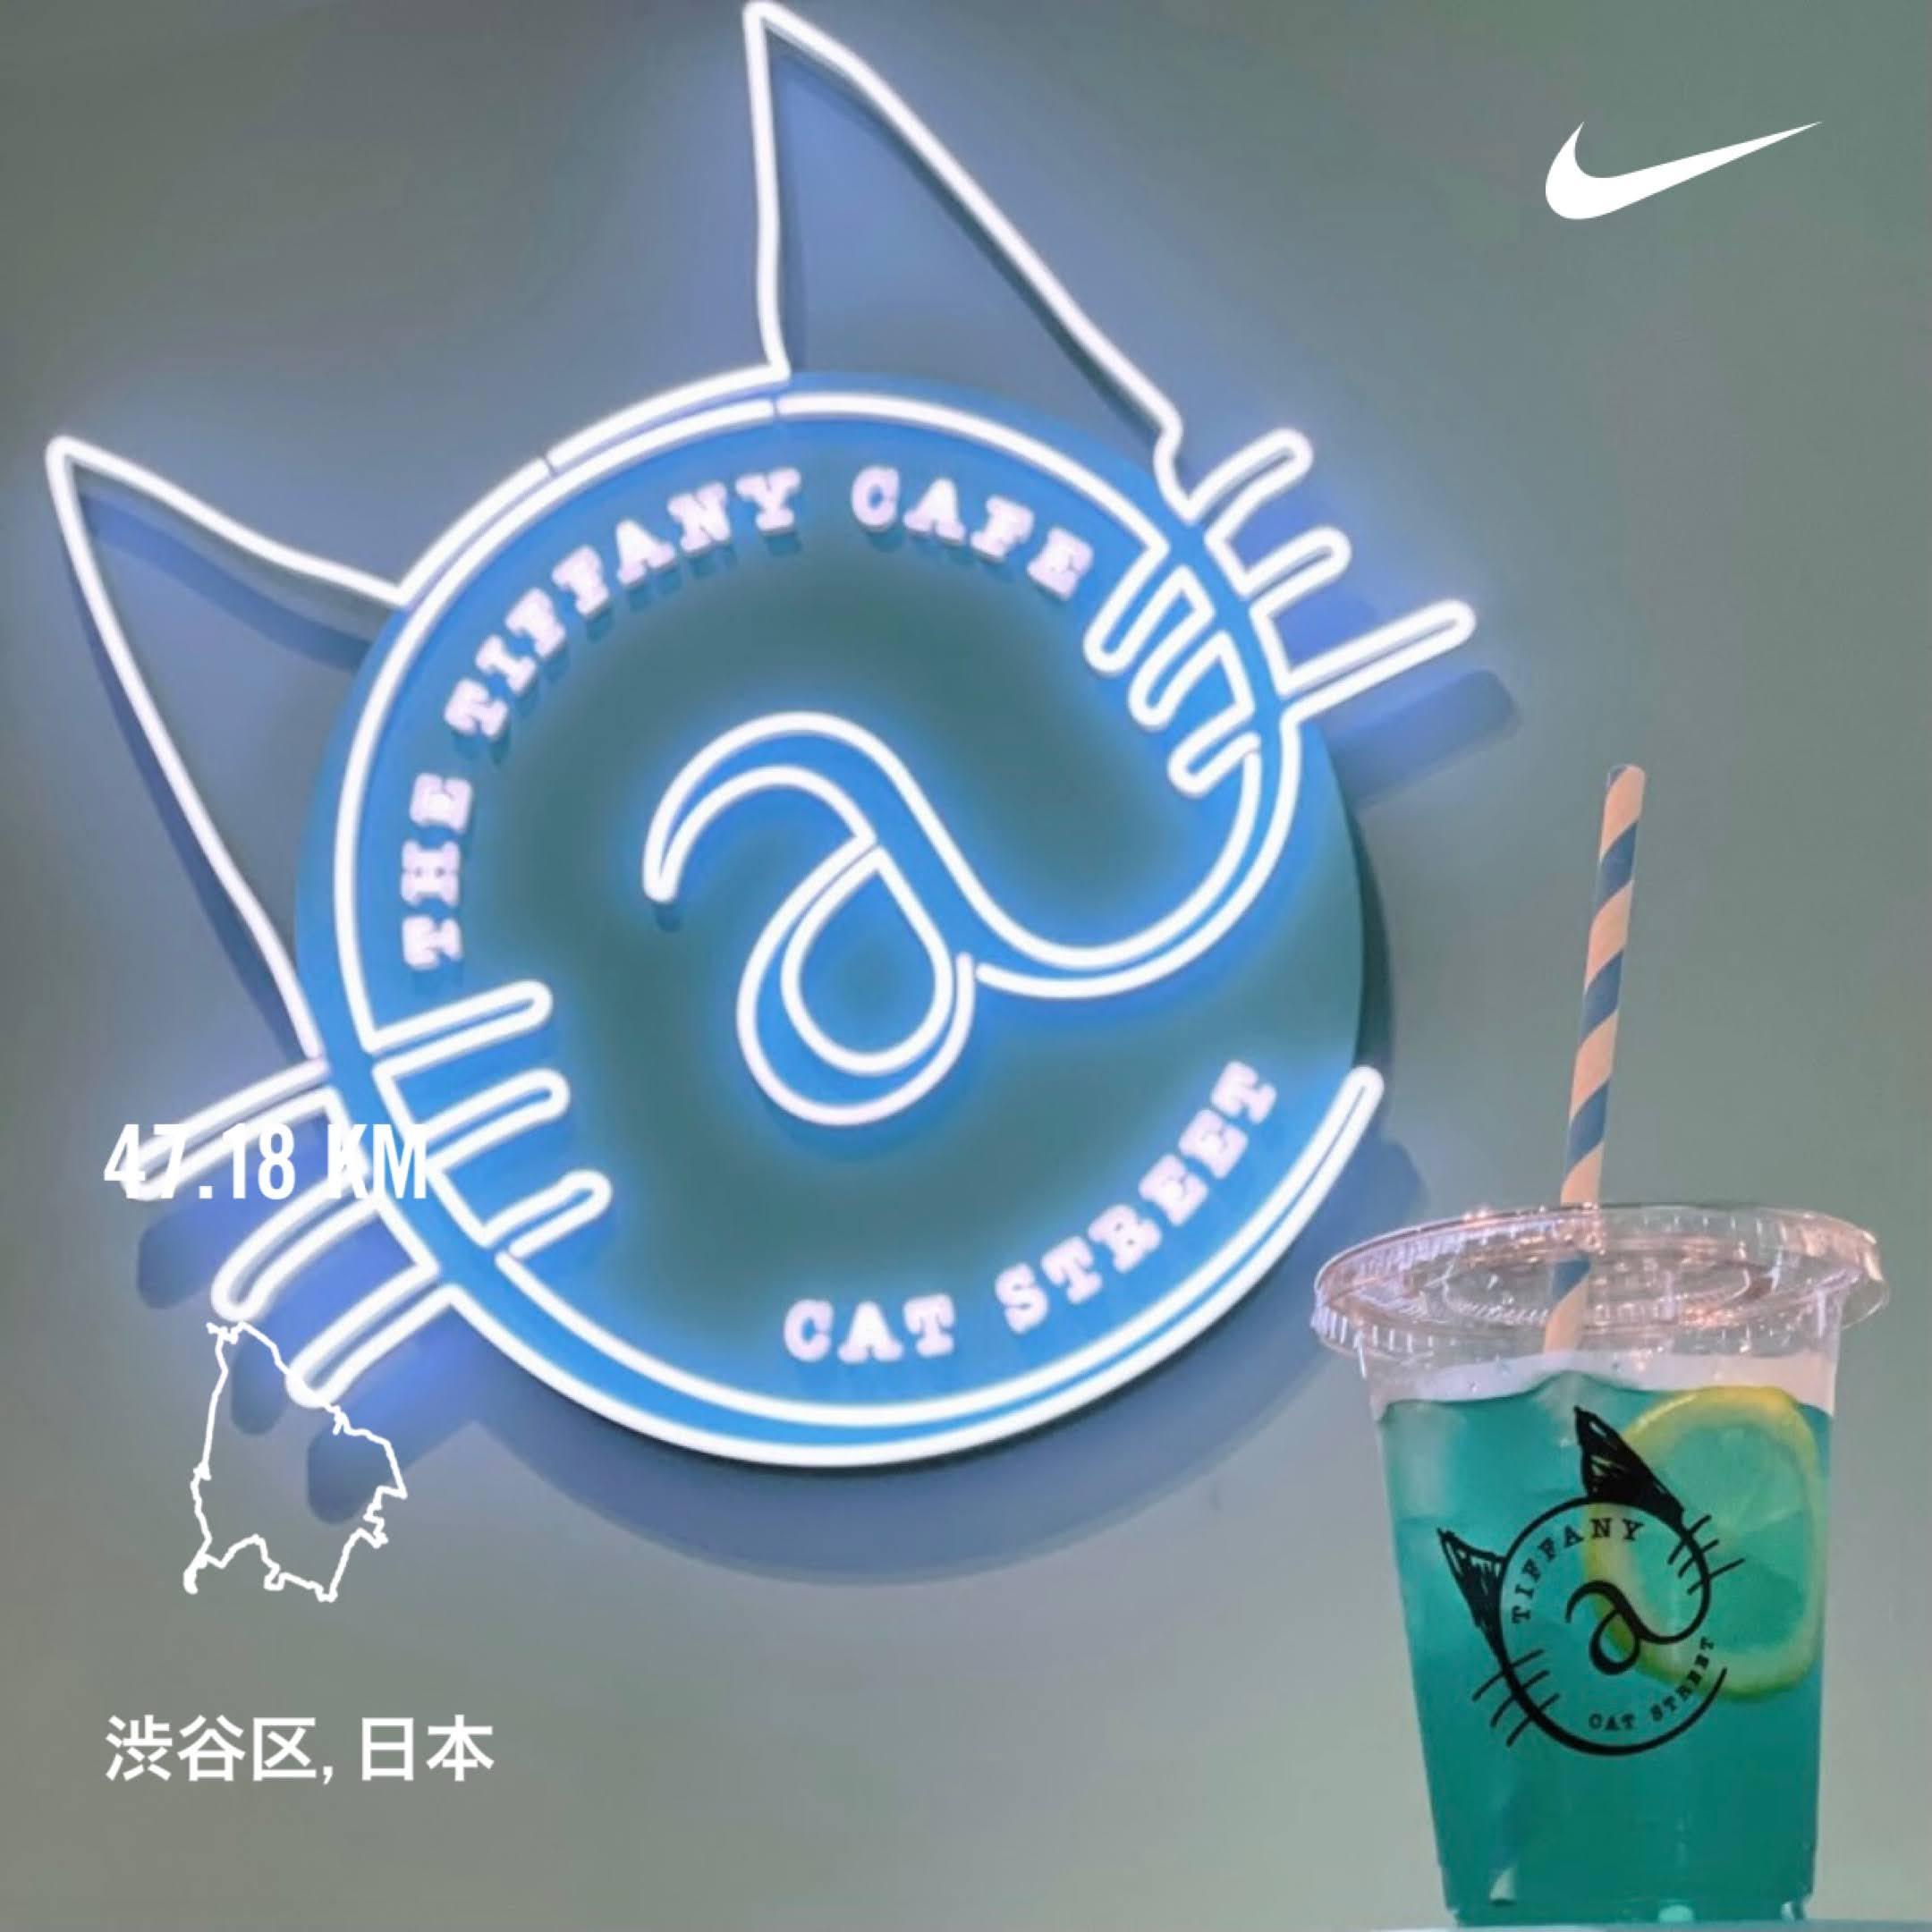 RUN+ ランプラス 名古屋ウィメンズ オンライン マラソン 東京